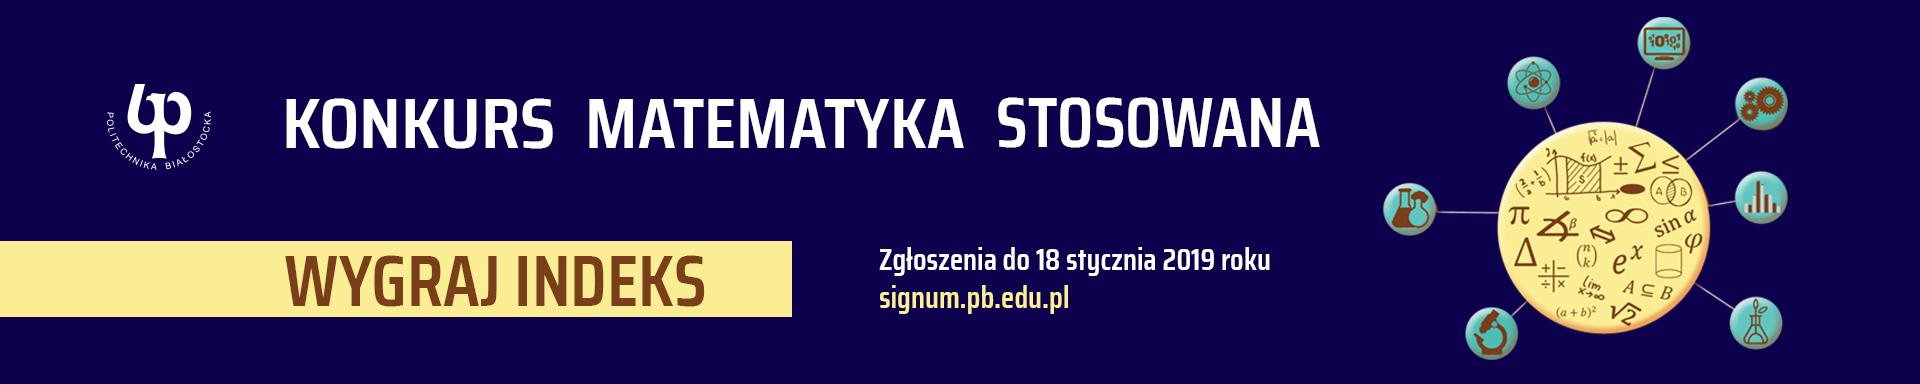 SIGNUM - Konkurs ,,Matematyka stosowana' 2018/19